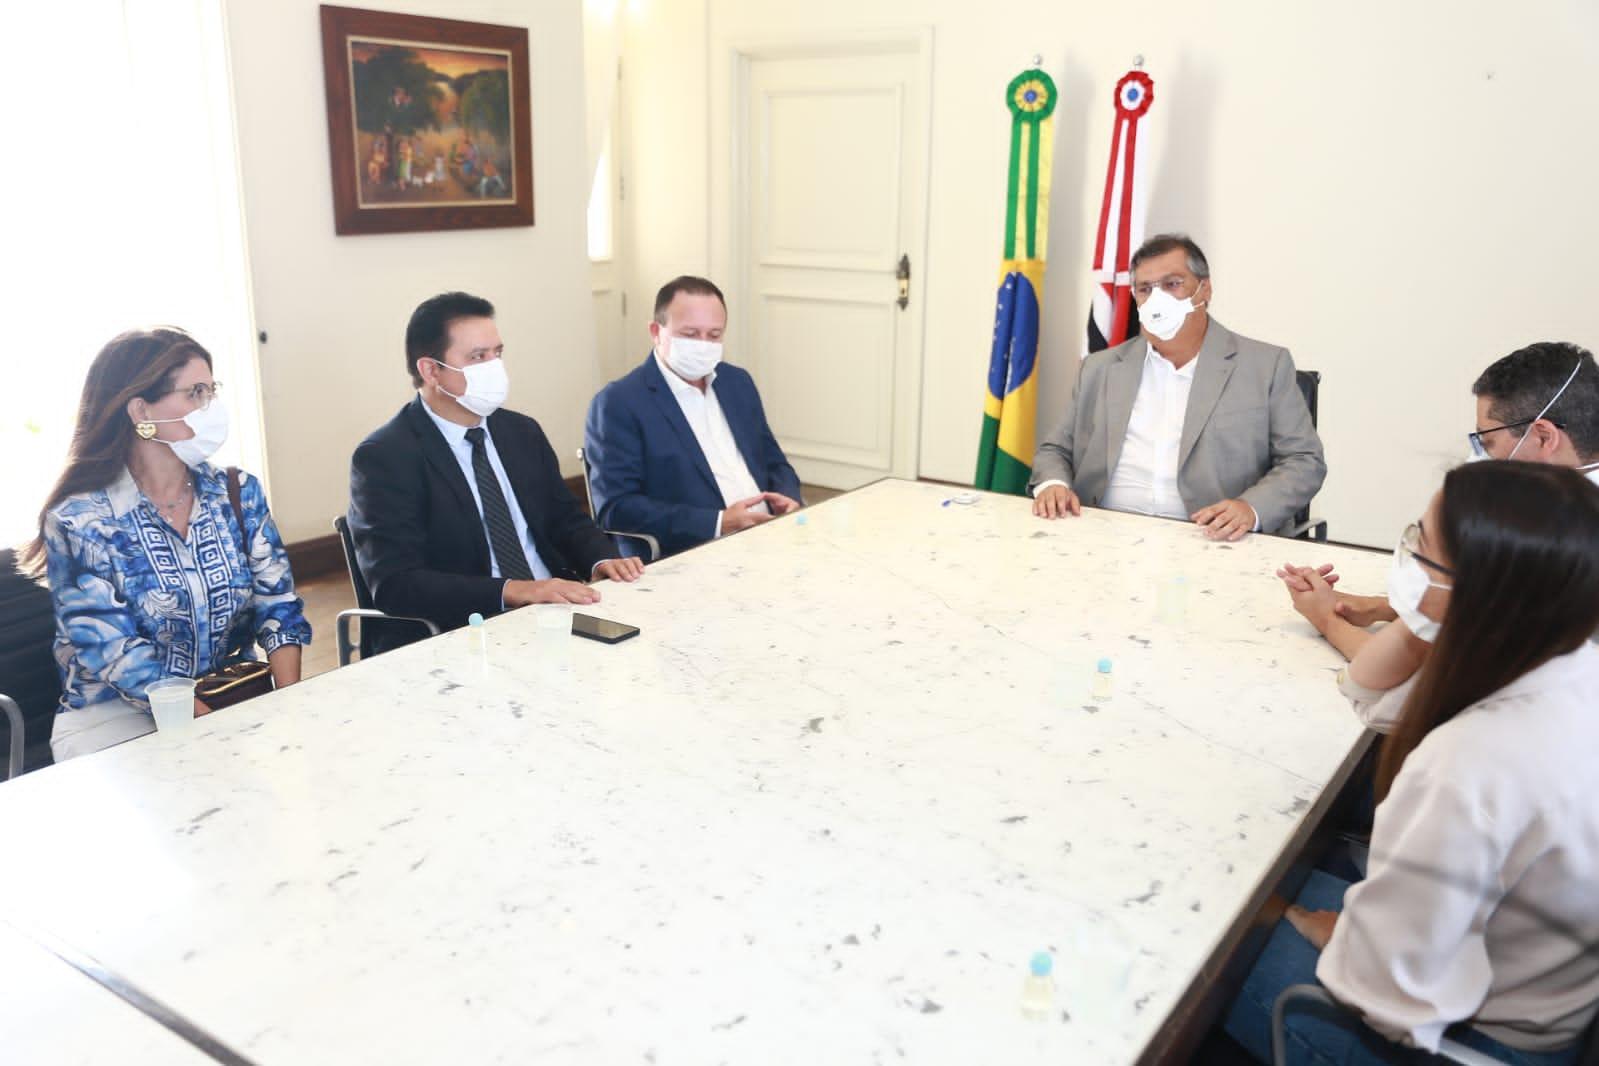 Rigo Teles e Flávio Dino assinam ordem de serviço para reforma e adequação do hospital regional de Barra do Corda